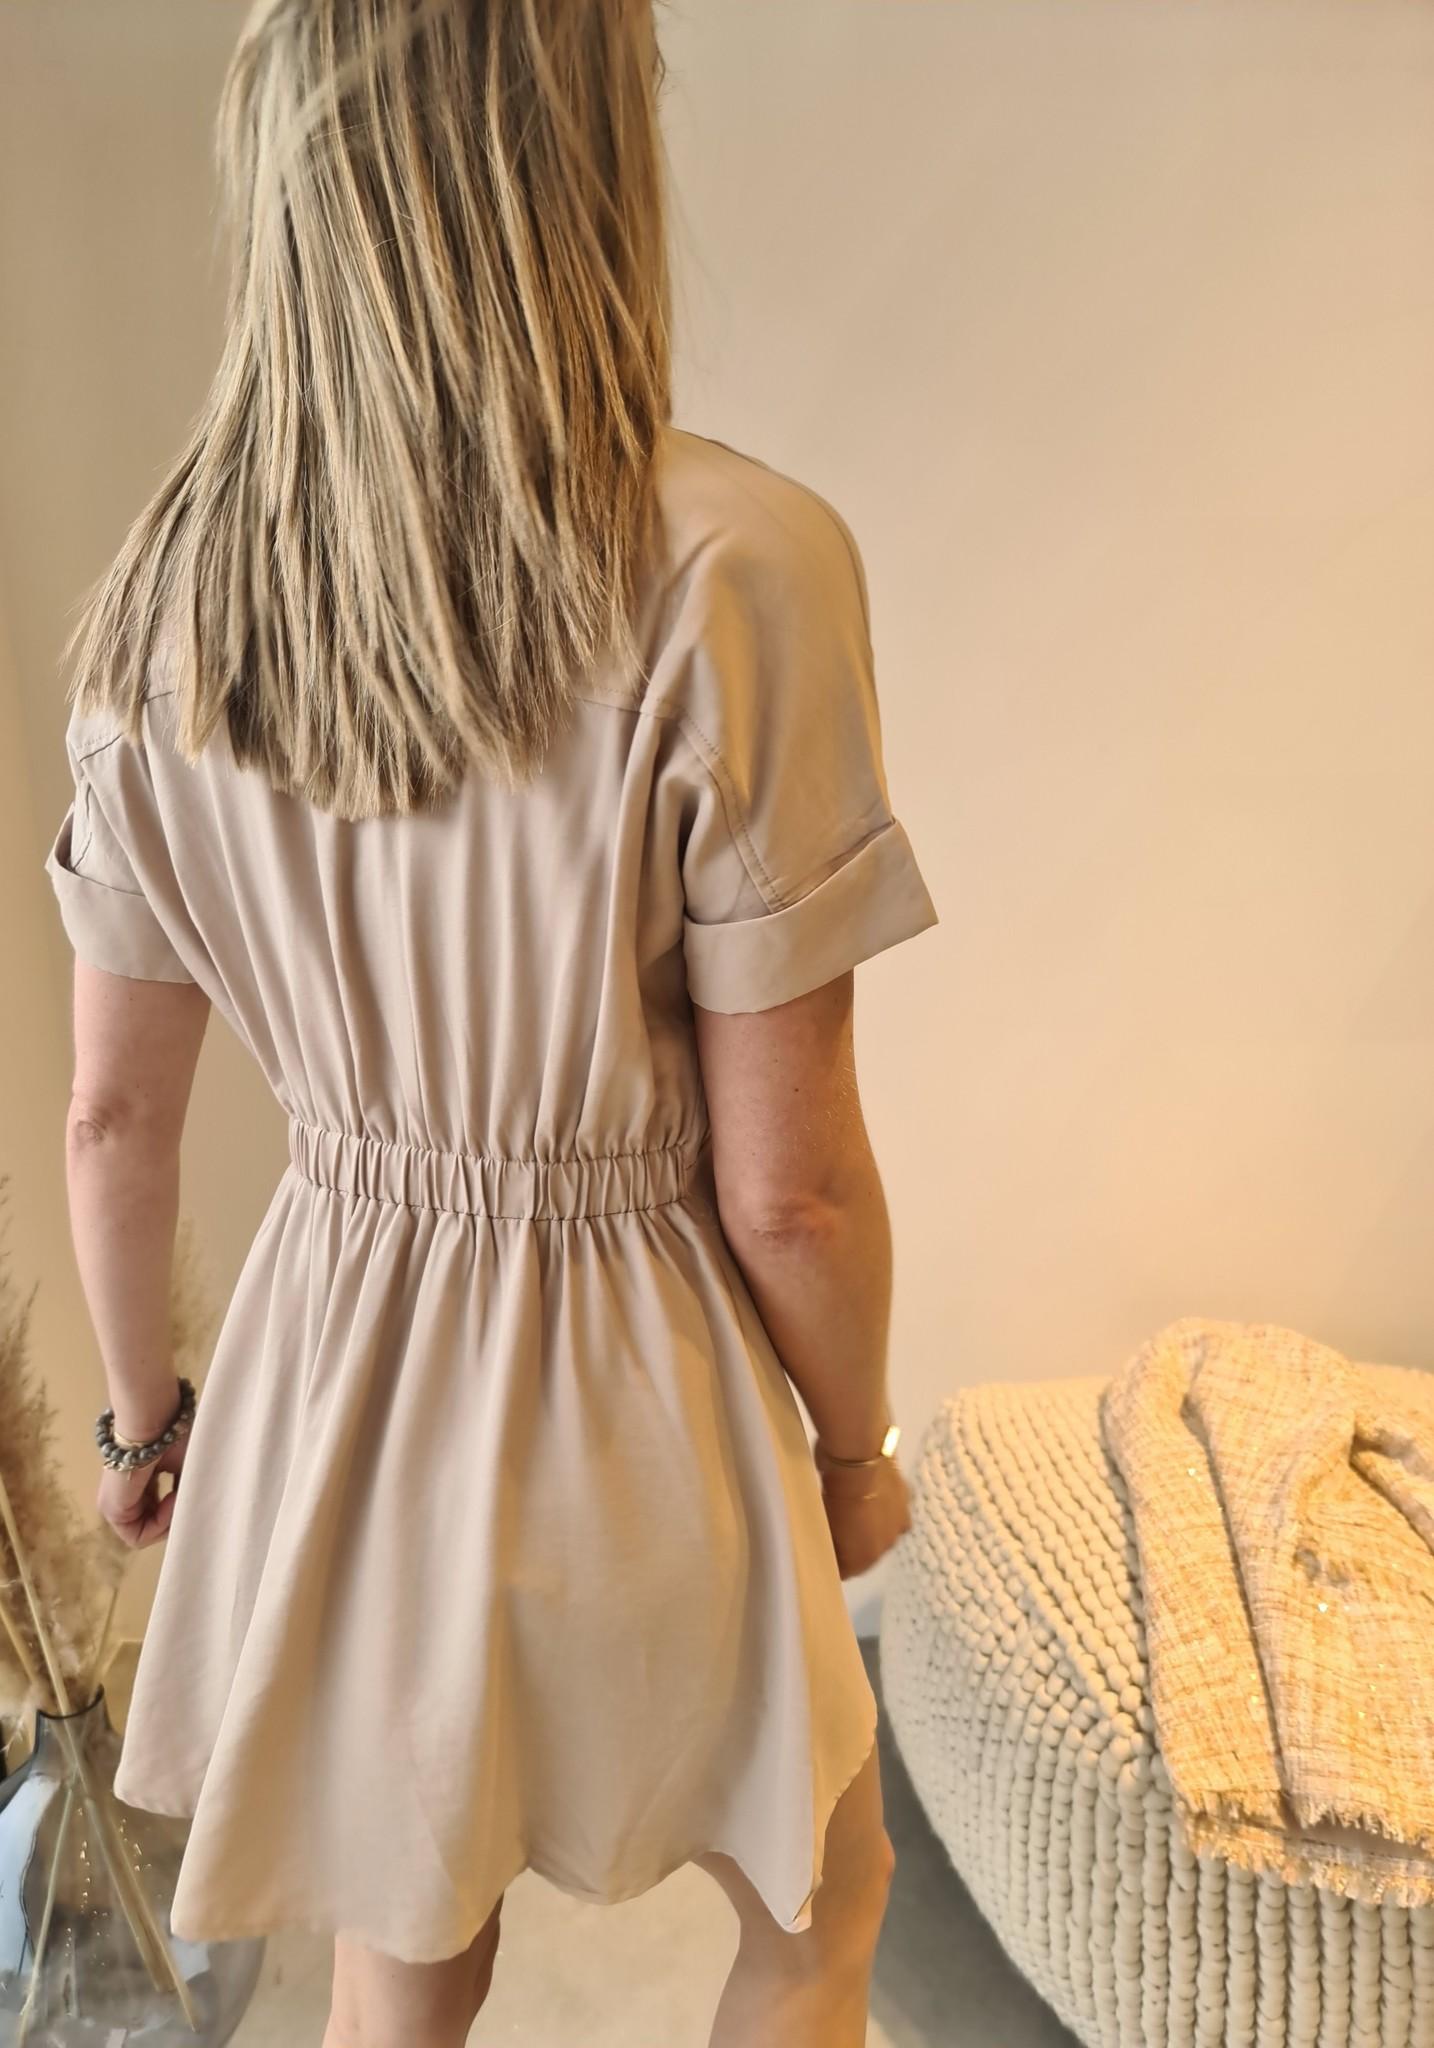 OPALE robe-2